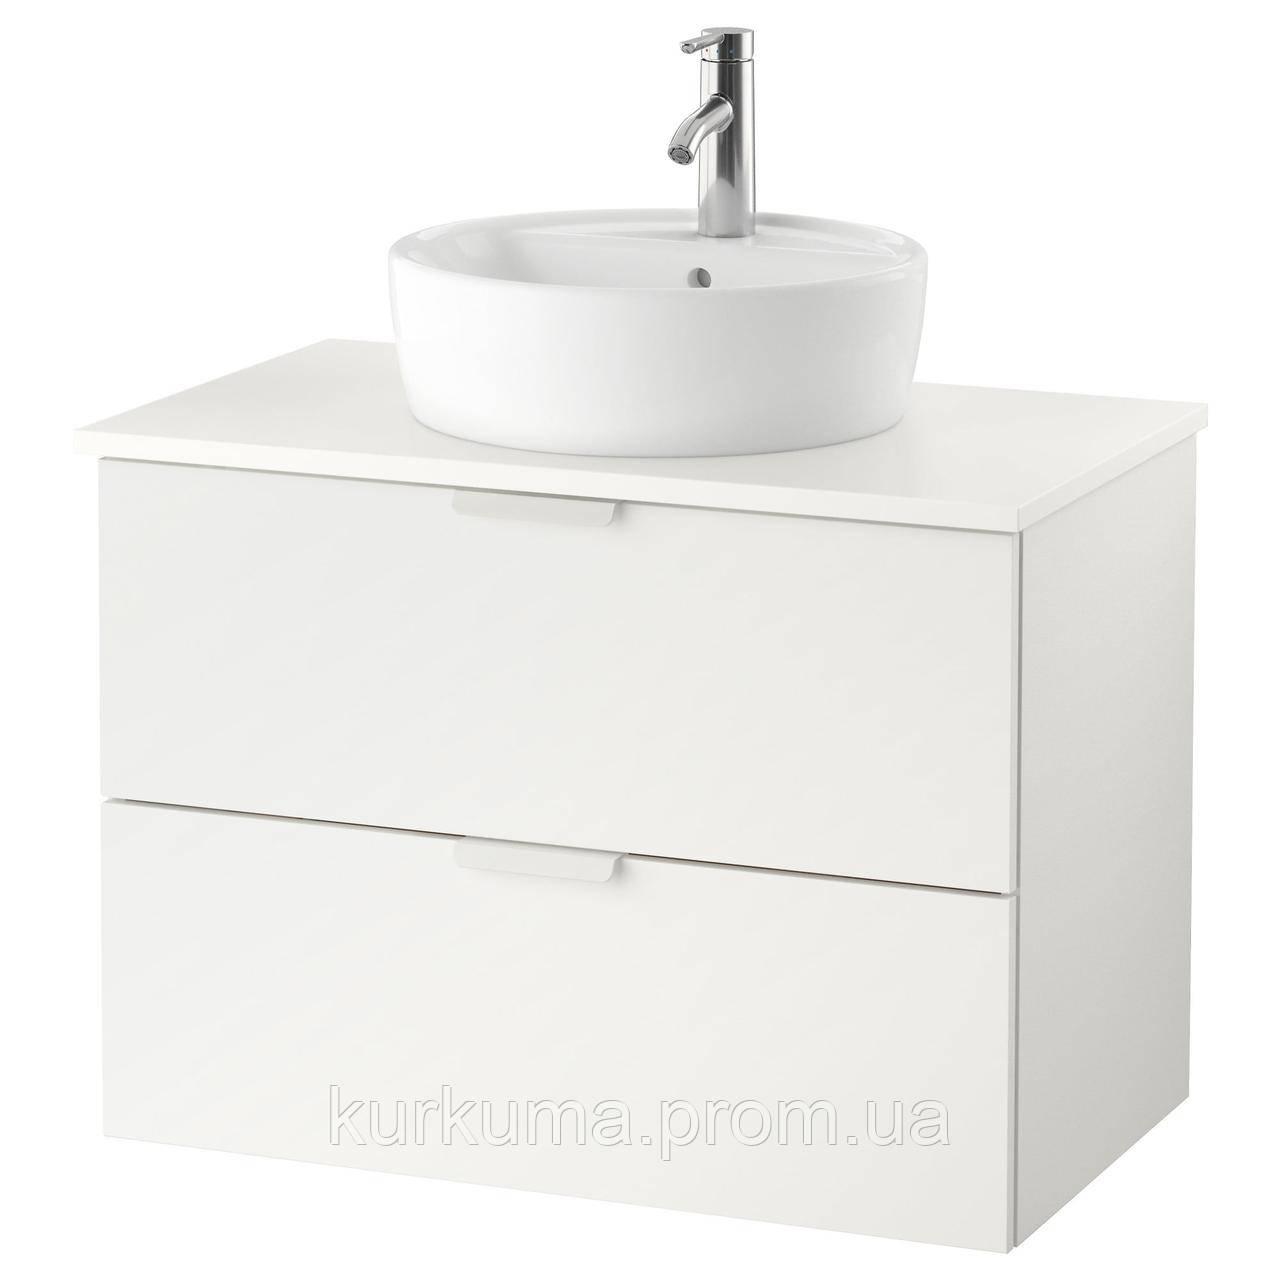 IKEA GODMORGON/TOLKEN/TORNVIKEN Шкаф под умывальник с раковиной, белый  (891.877.73)